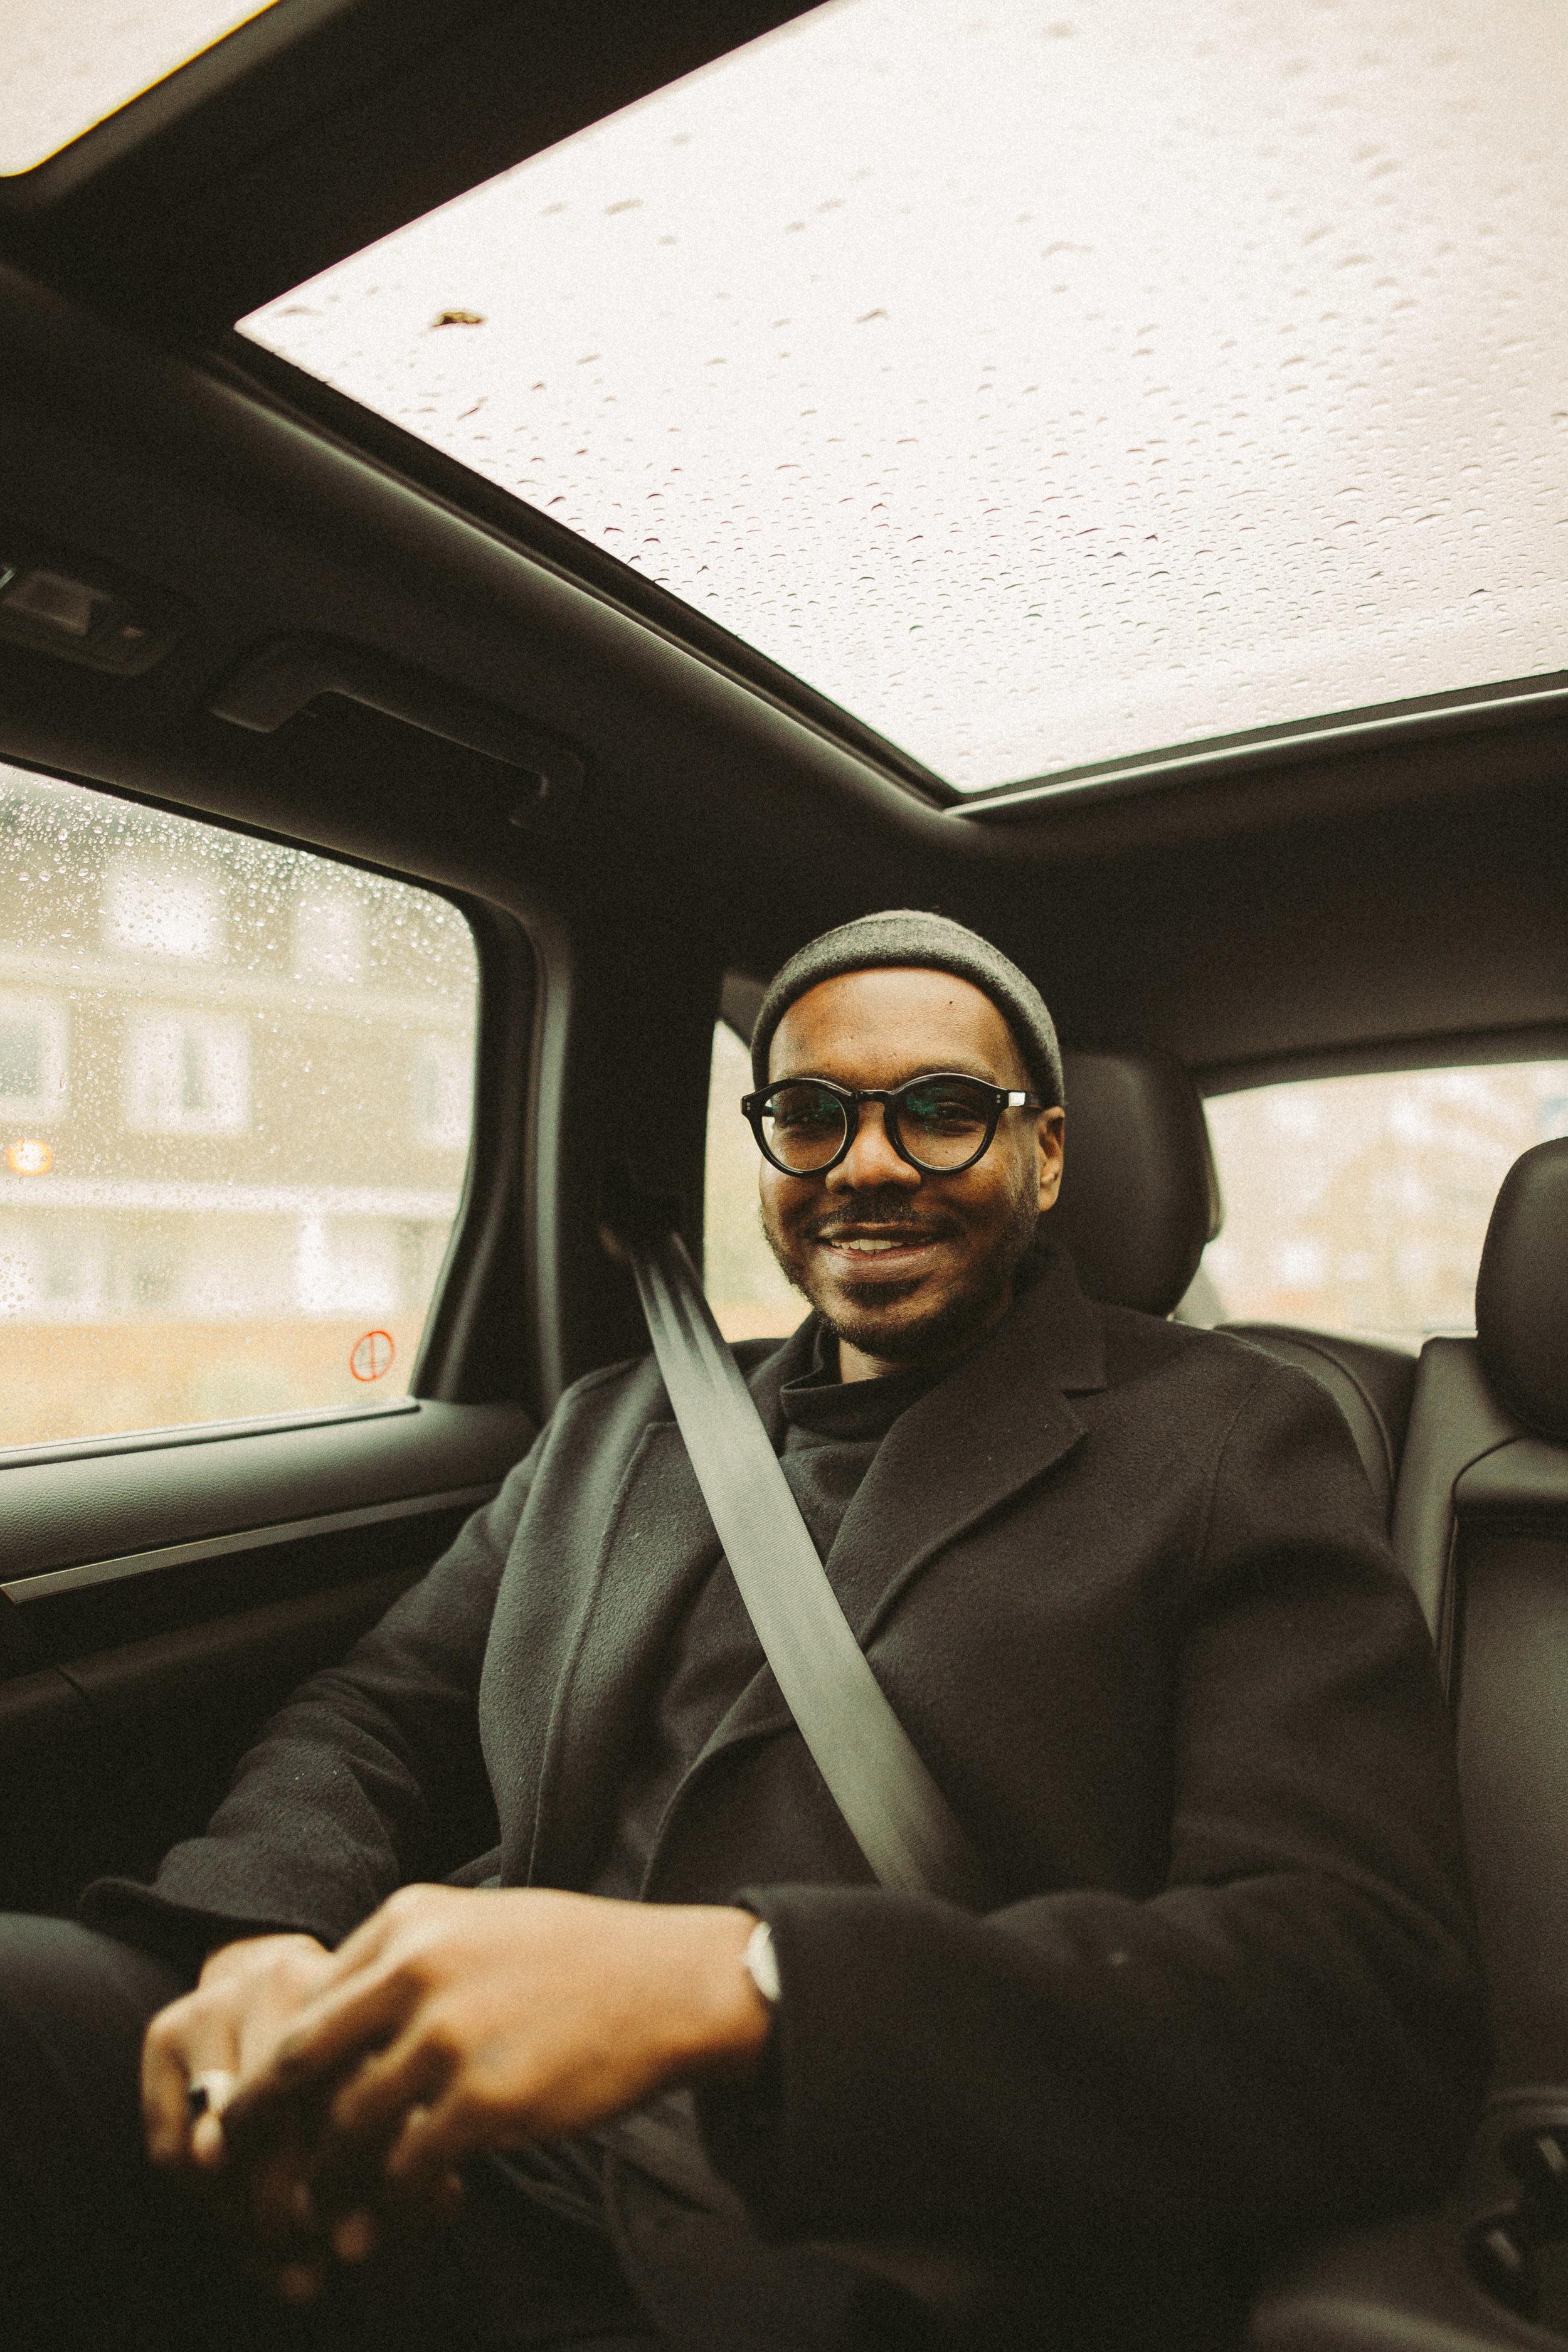 Porsche X Get Taxi Social campaign